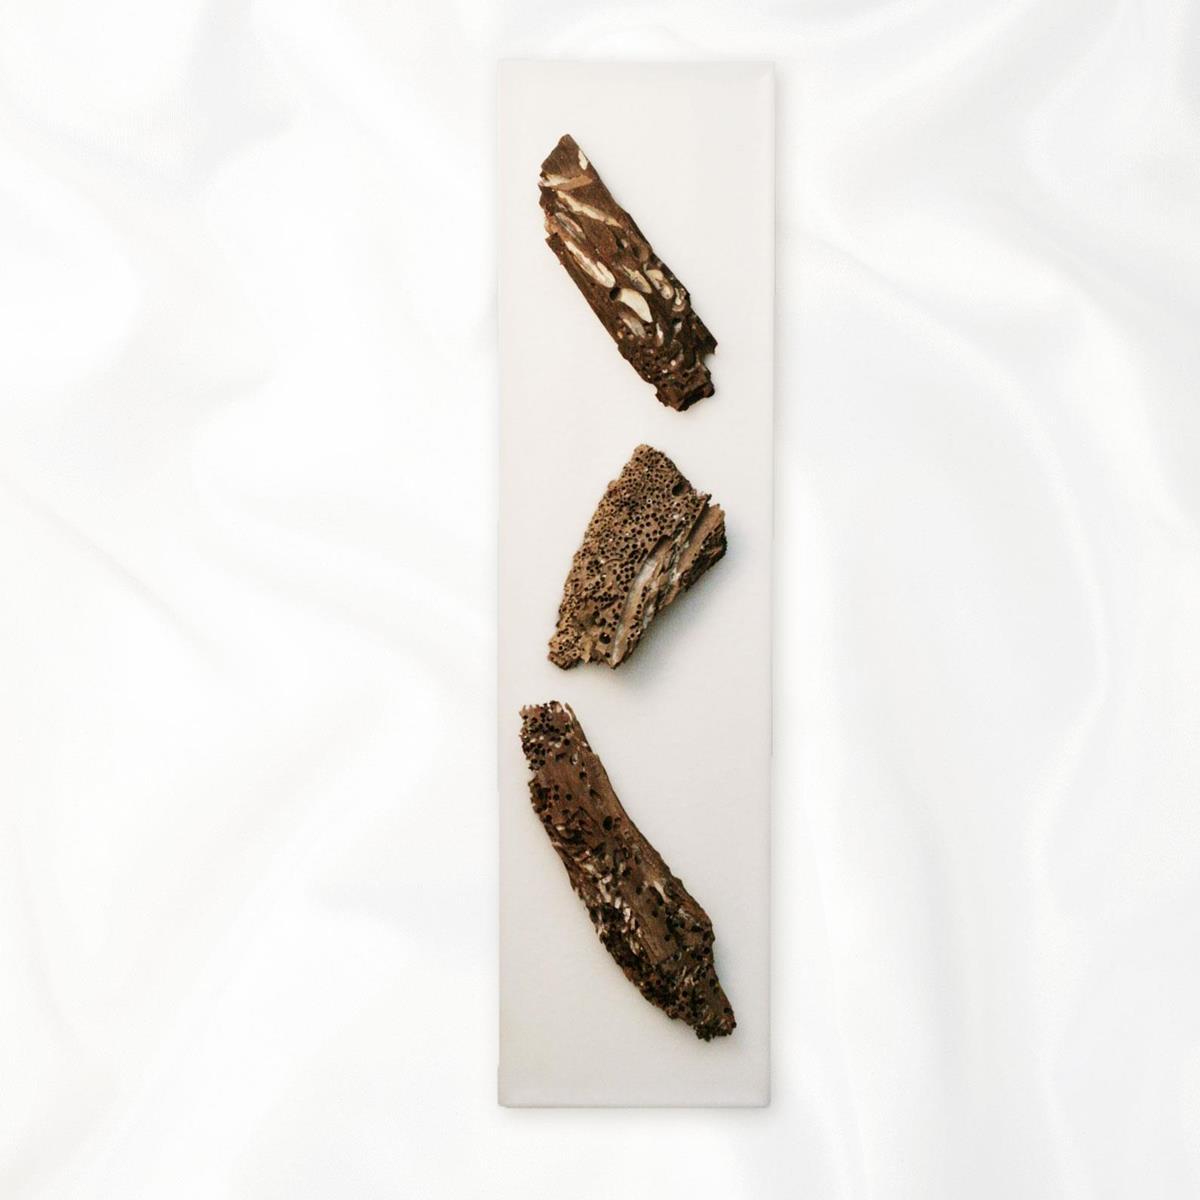 【アウトレット】イタリア・トリノ発 ルマーニ工房のワックスアート 流木 〔L〕